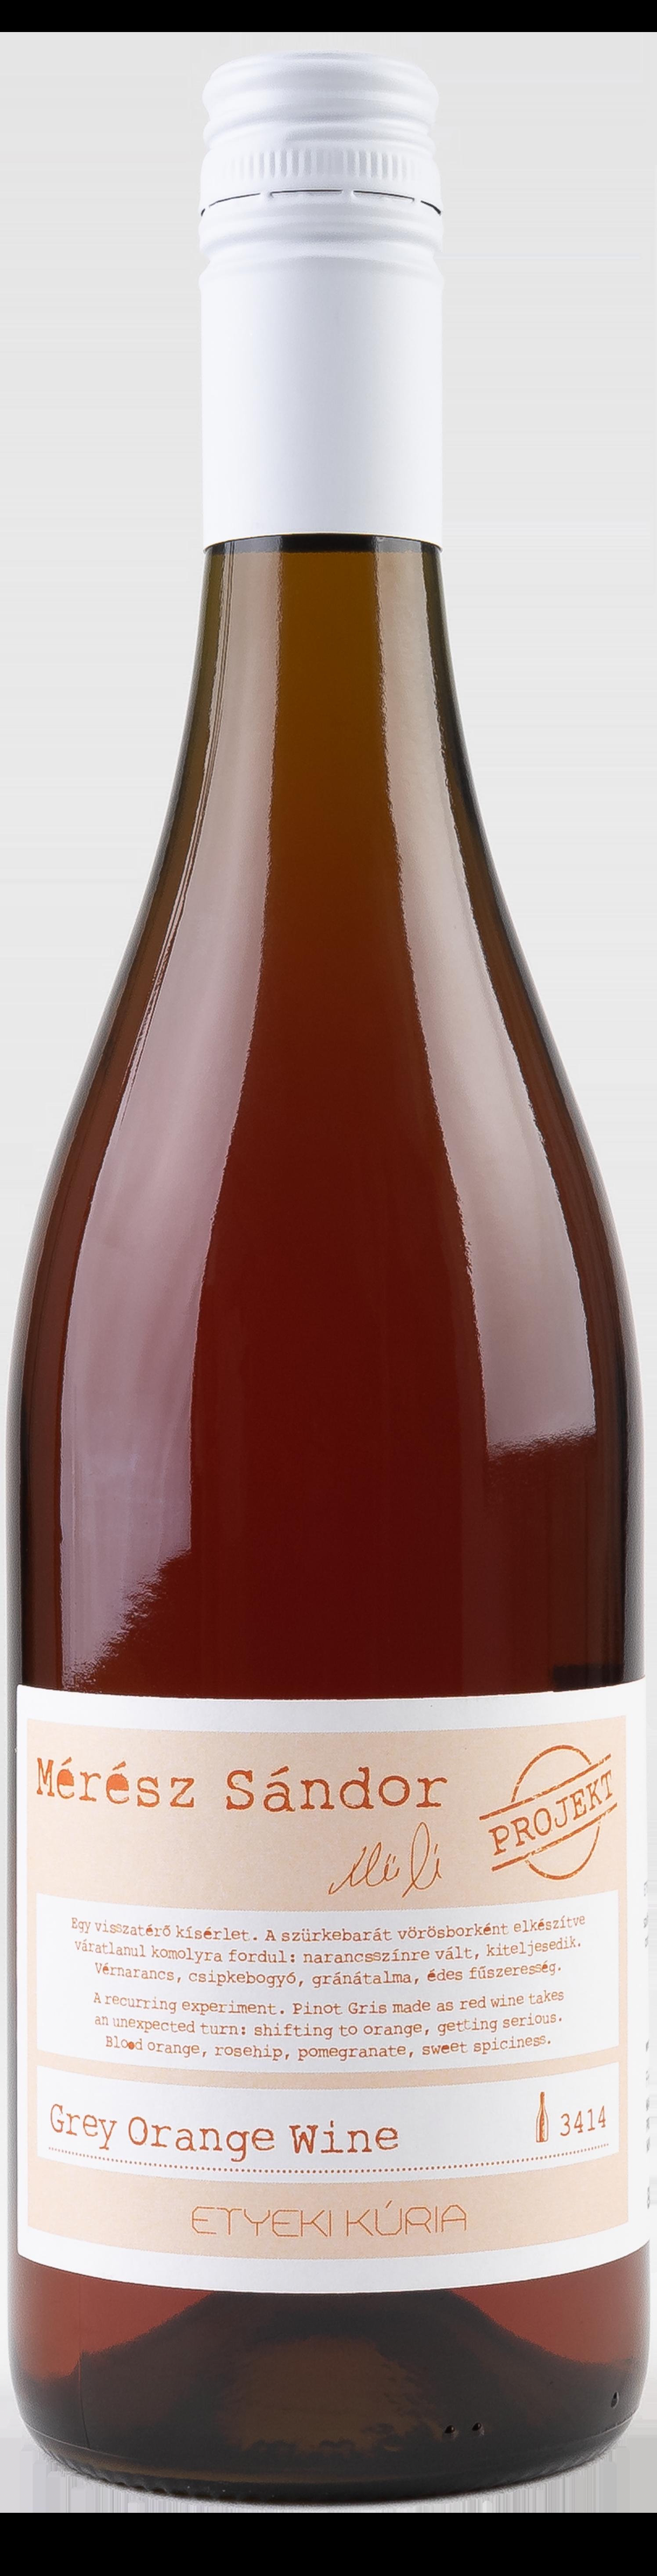 Grey Orange MS Projekt Wine